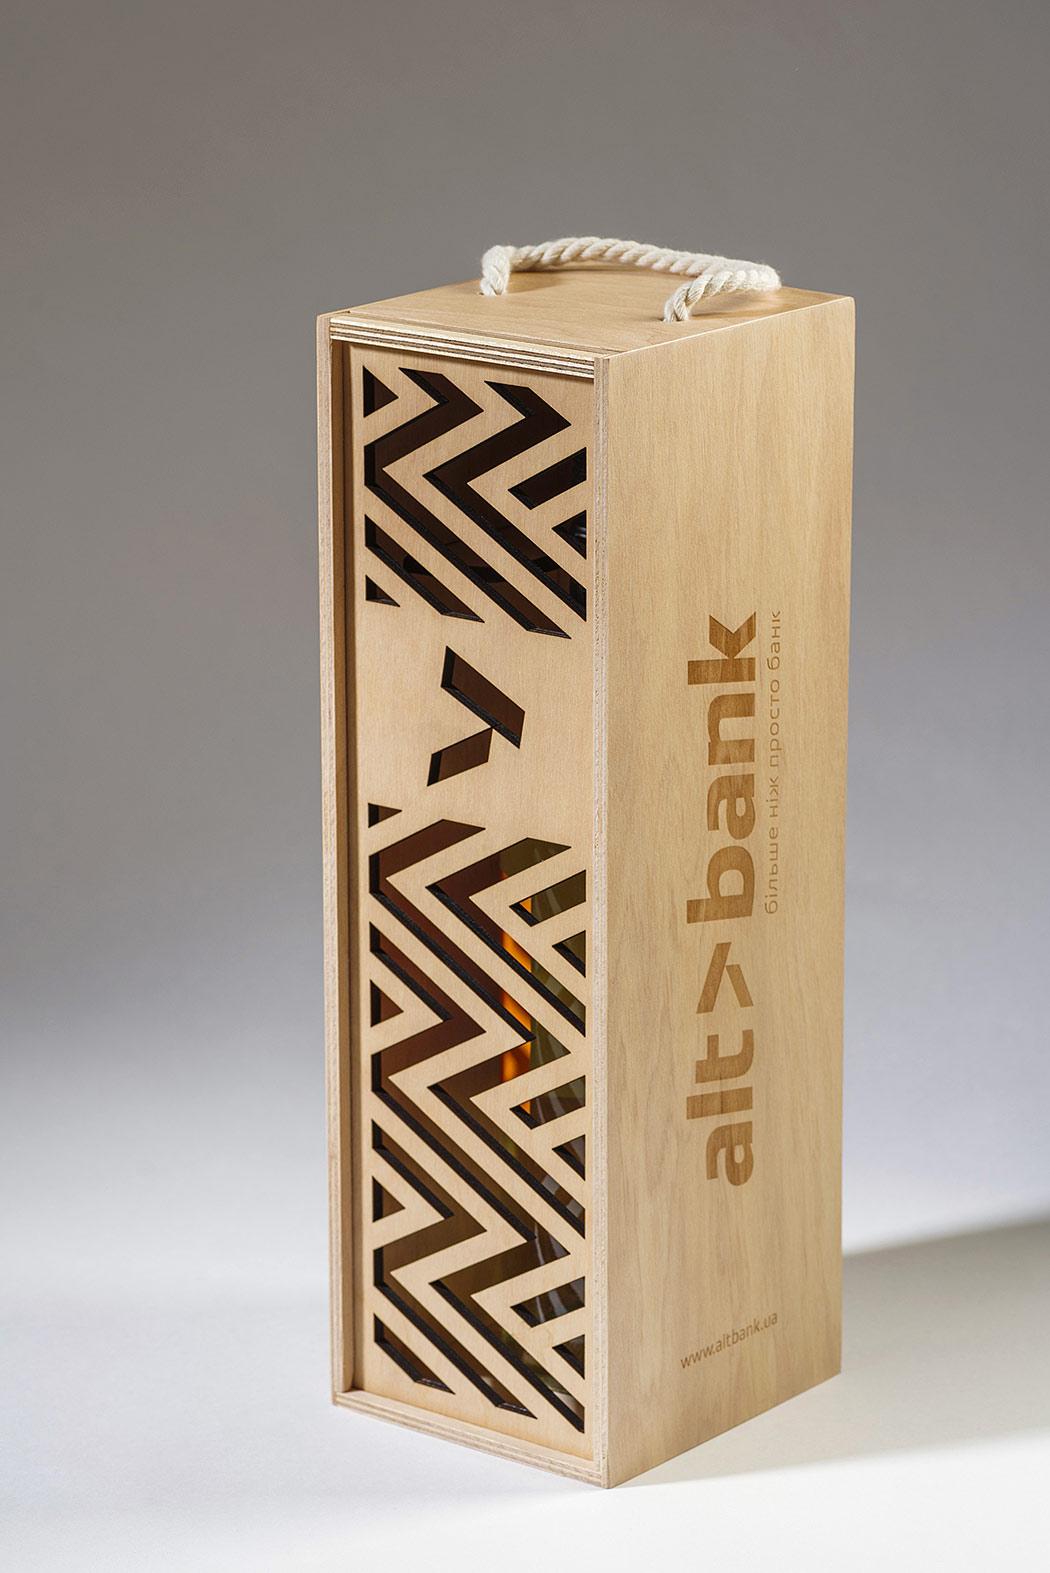 Подарочная коробка из фанеры для бутылки вина. Дизайн орнамента для фанерной коробки Altbank (Альтбанк).